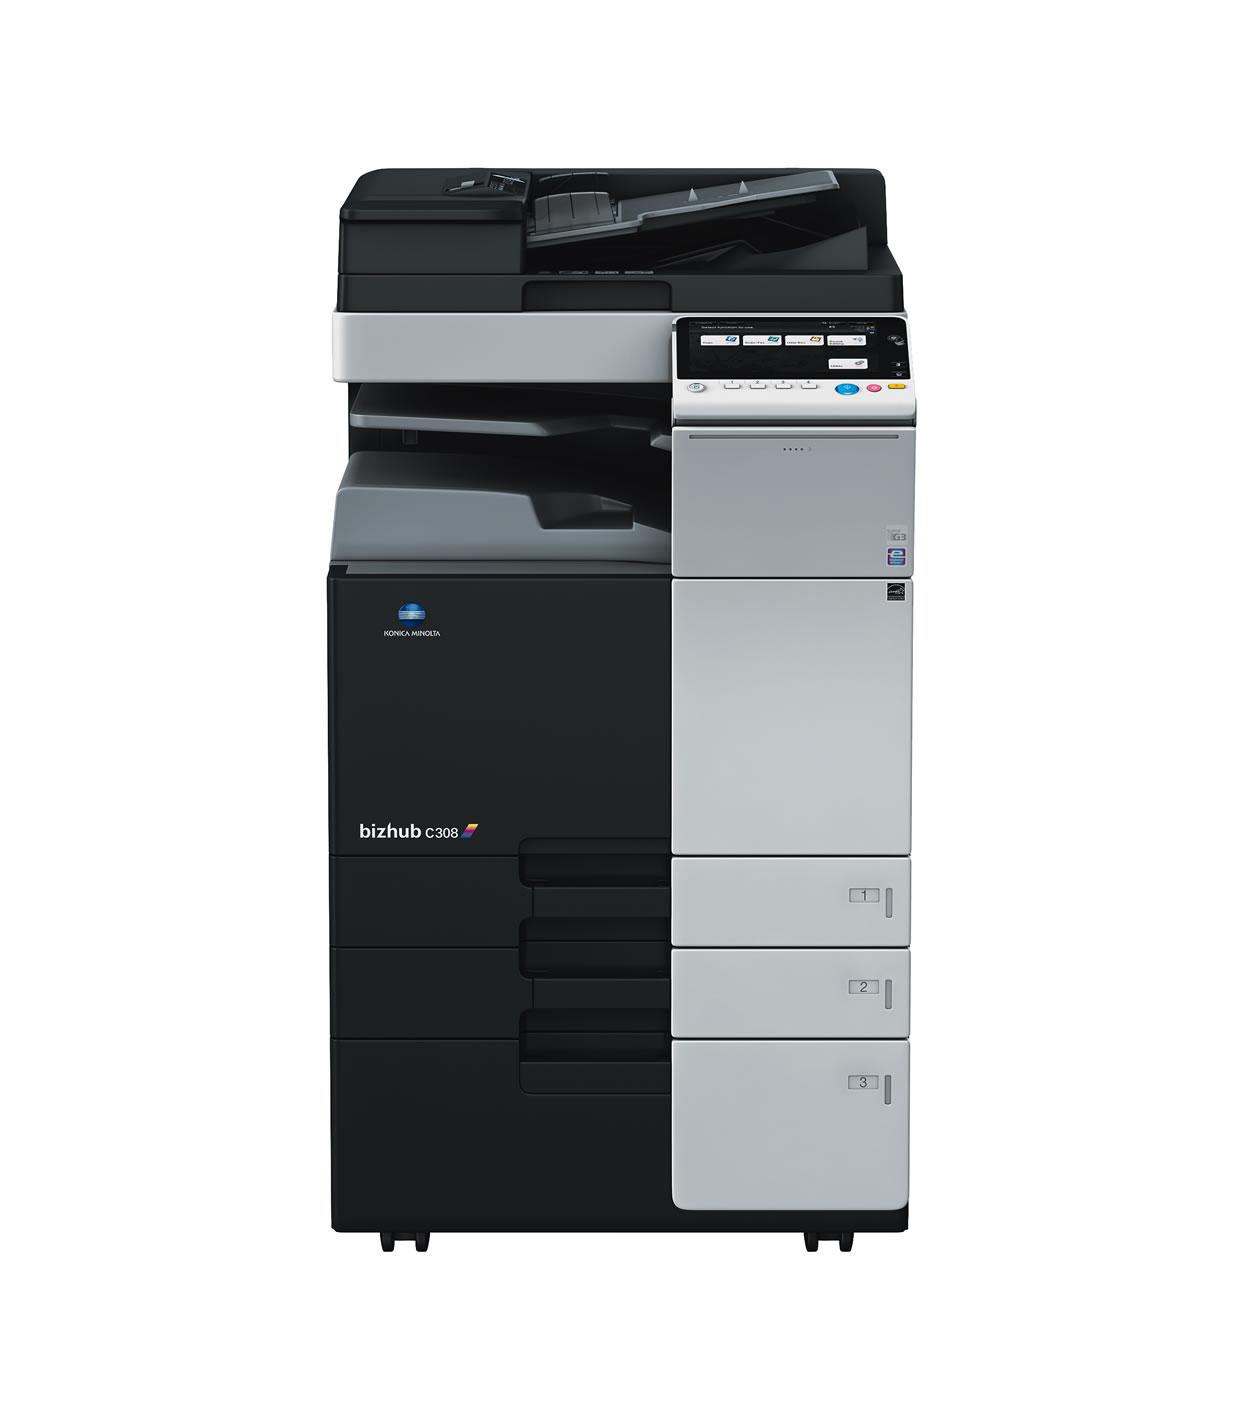 青海省美能達數碼復合機復印機在哪兒買 推薦咨詢 西寧柯美電子供應